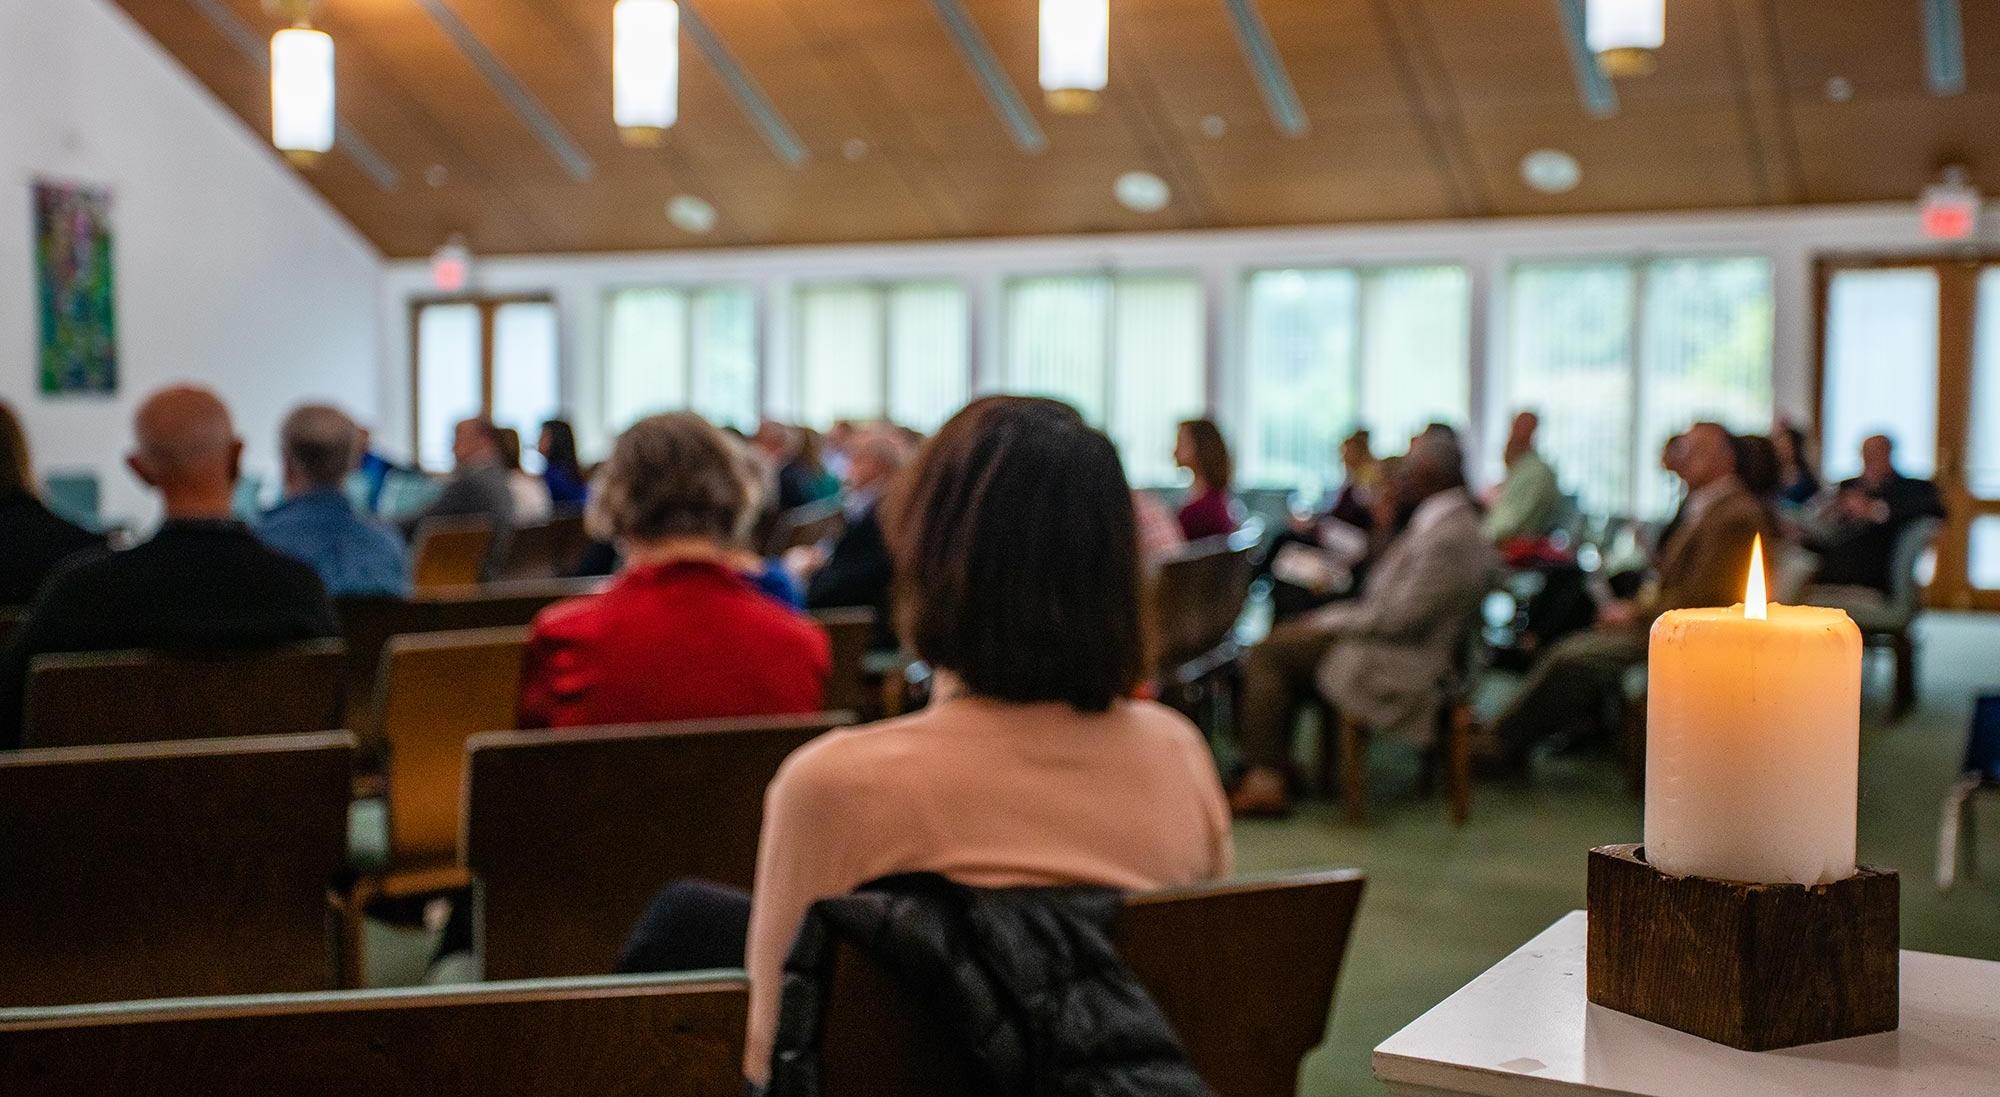 Worshiping as a congregation